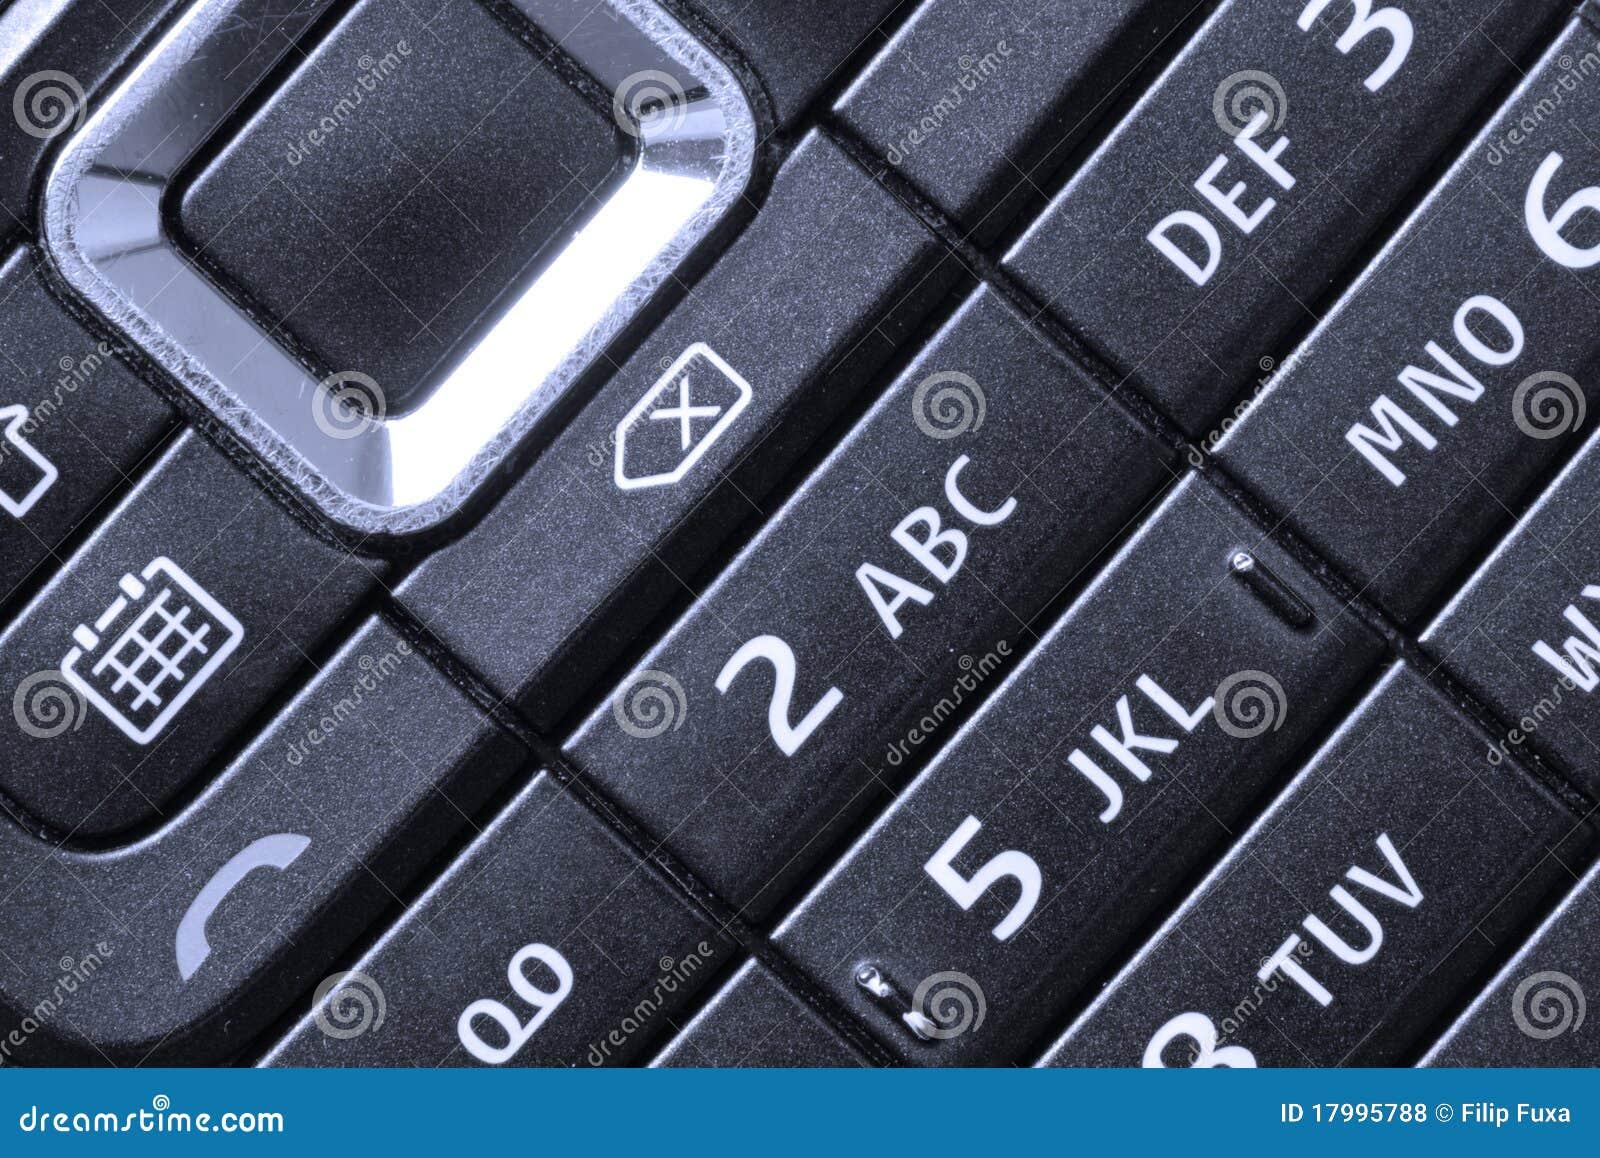 Telefono mobile fotografia stock immagine di sfuocatura for Mobile telefono